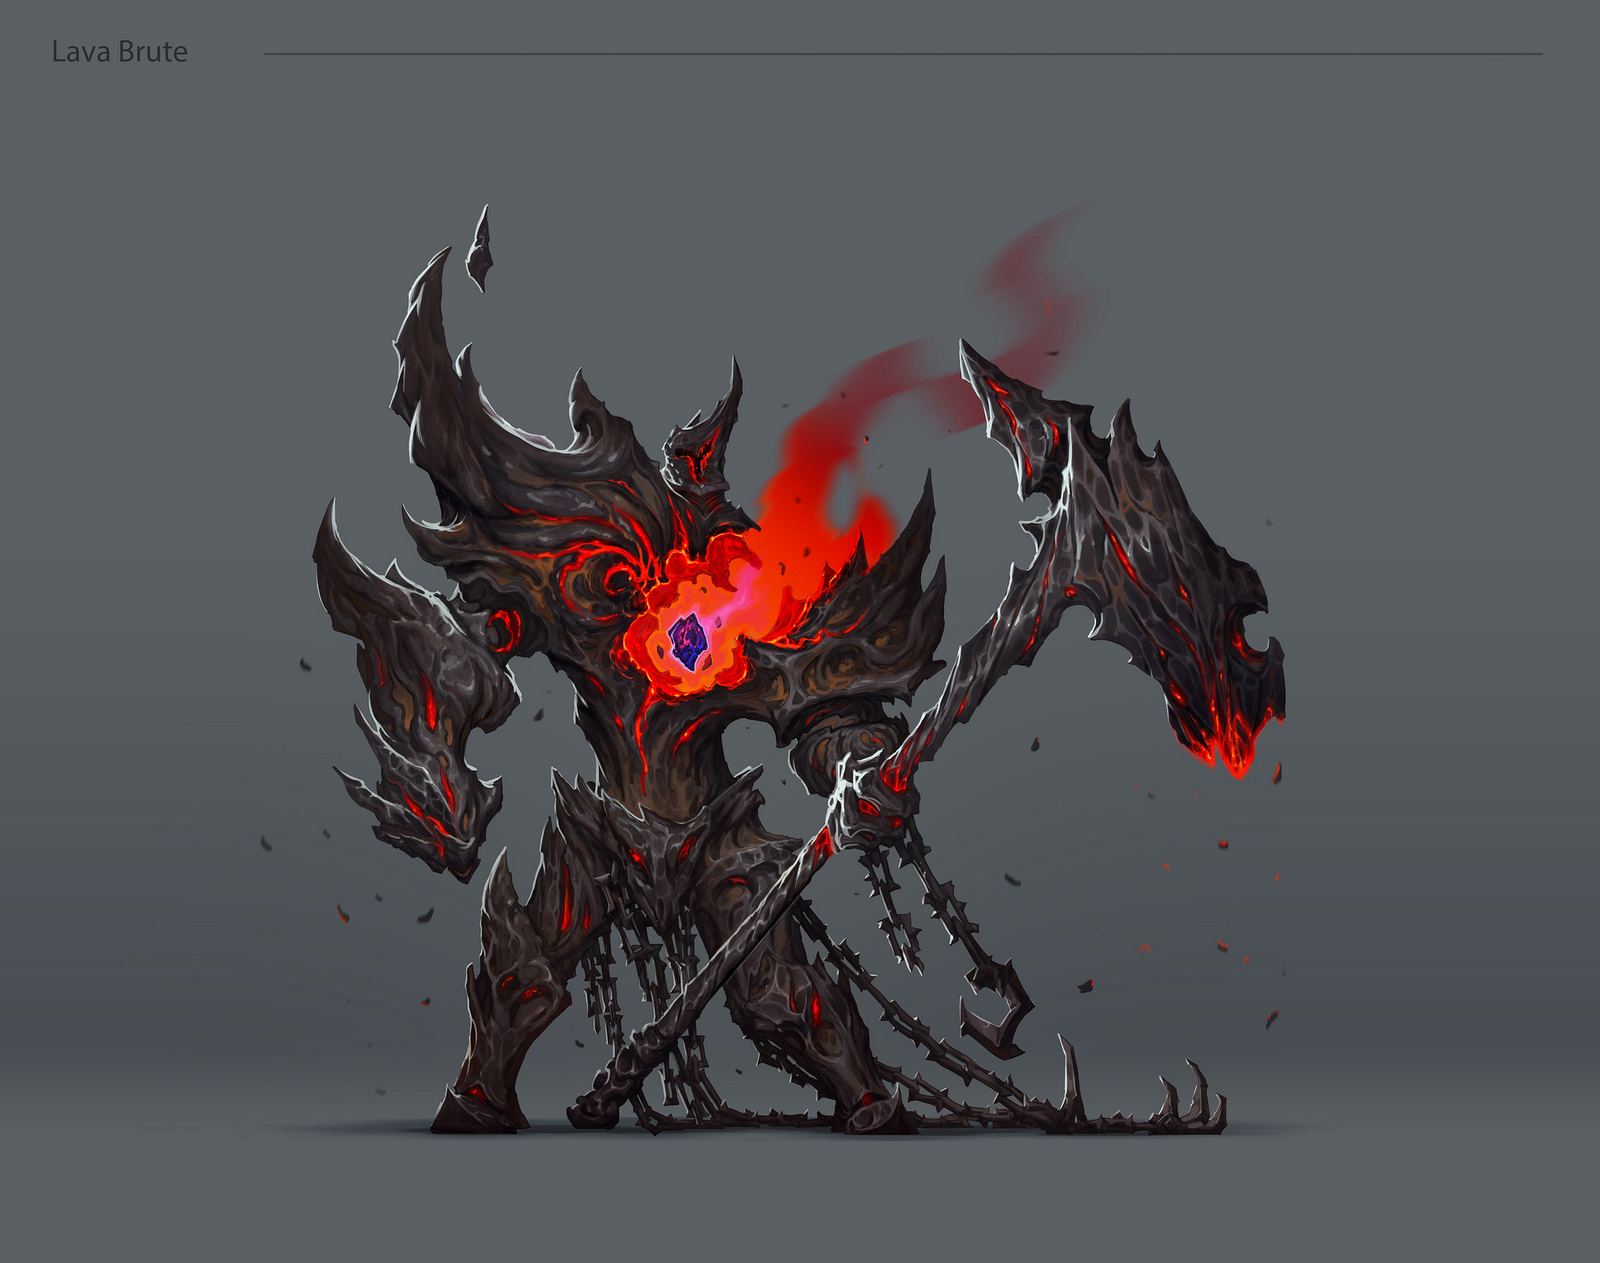 Darksiders 3 concept art